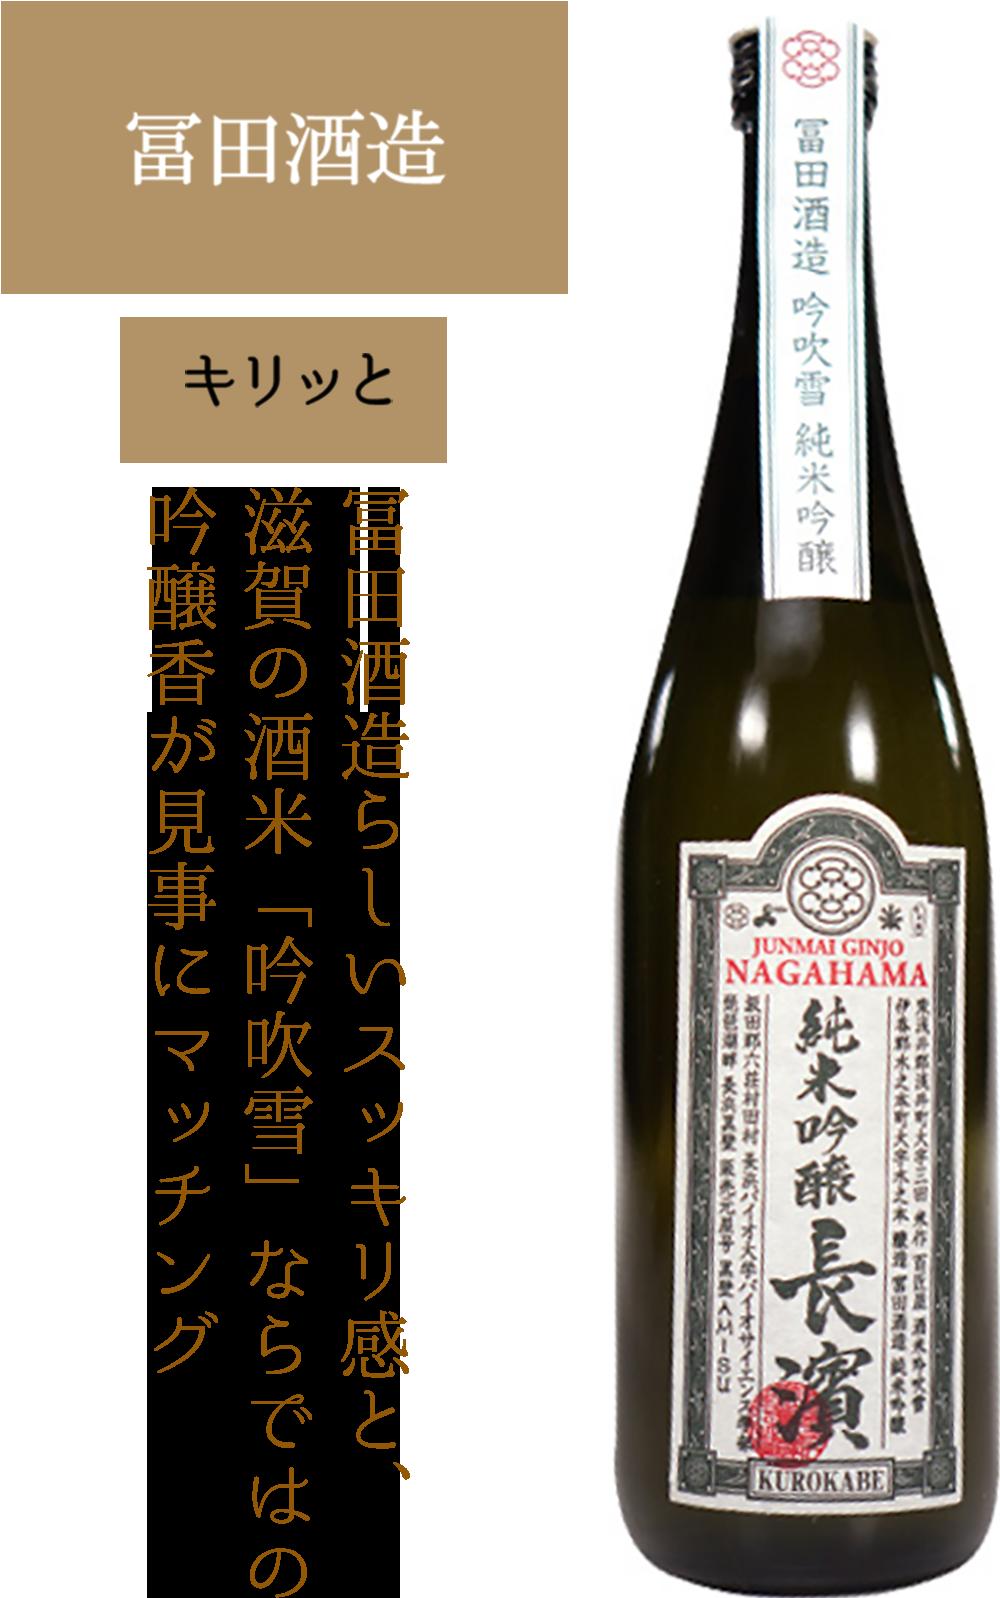 冨田酒造らしいスッキリ感と、滋賀の酒米「吟吹雪」ならではの吟醸香が見事にマッチング